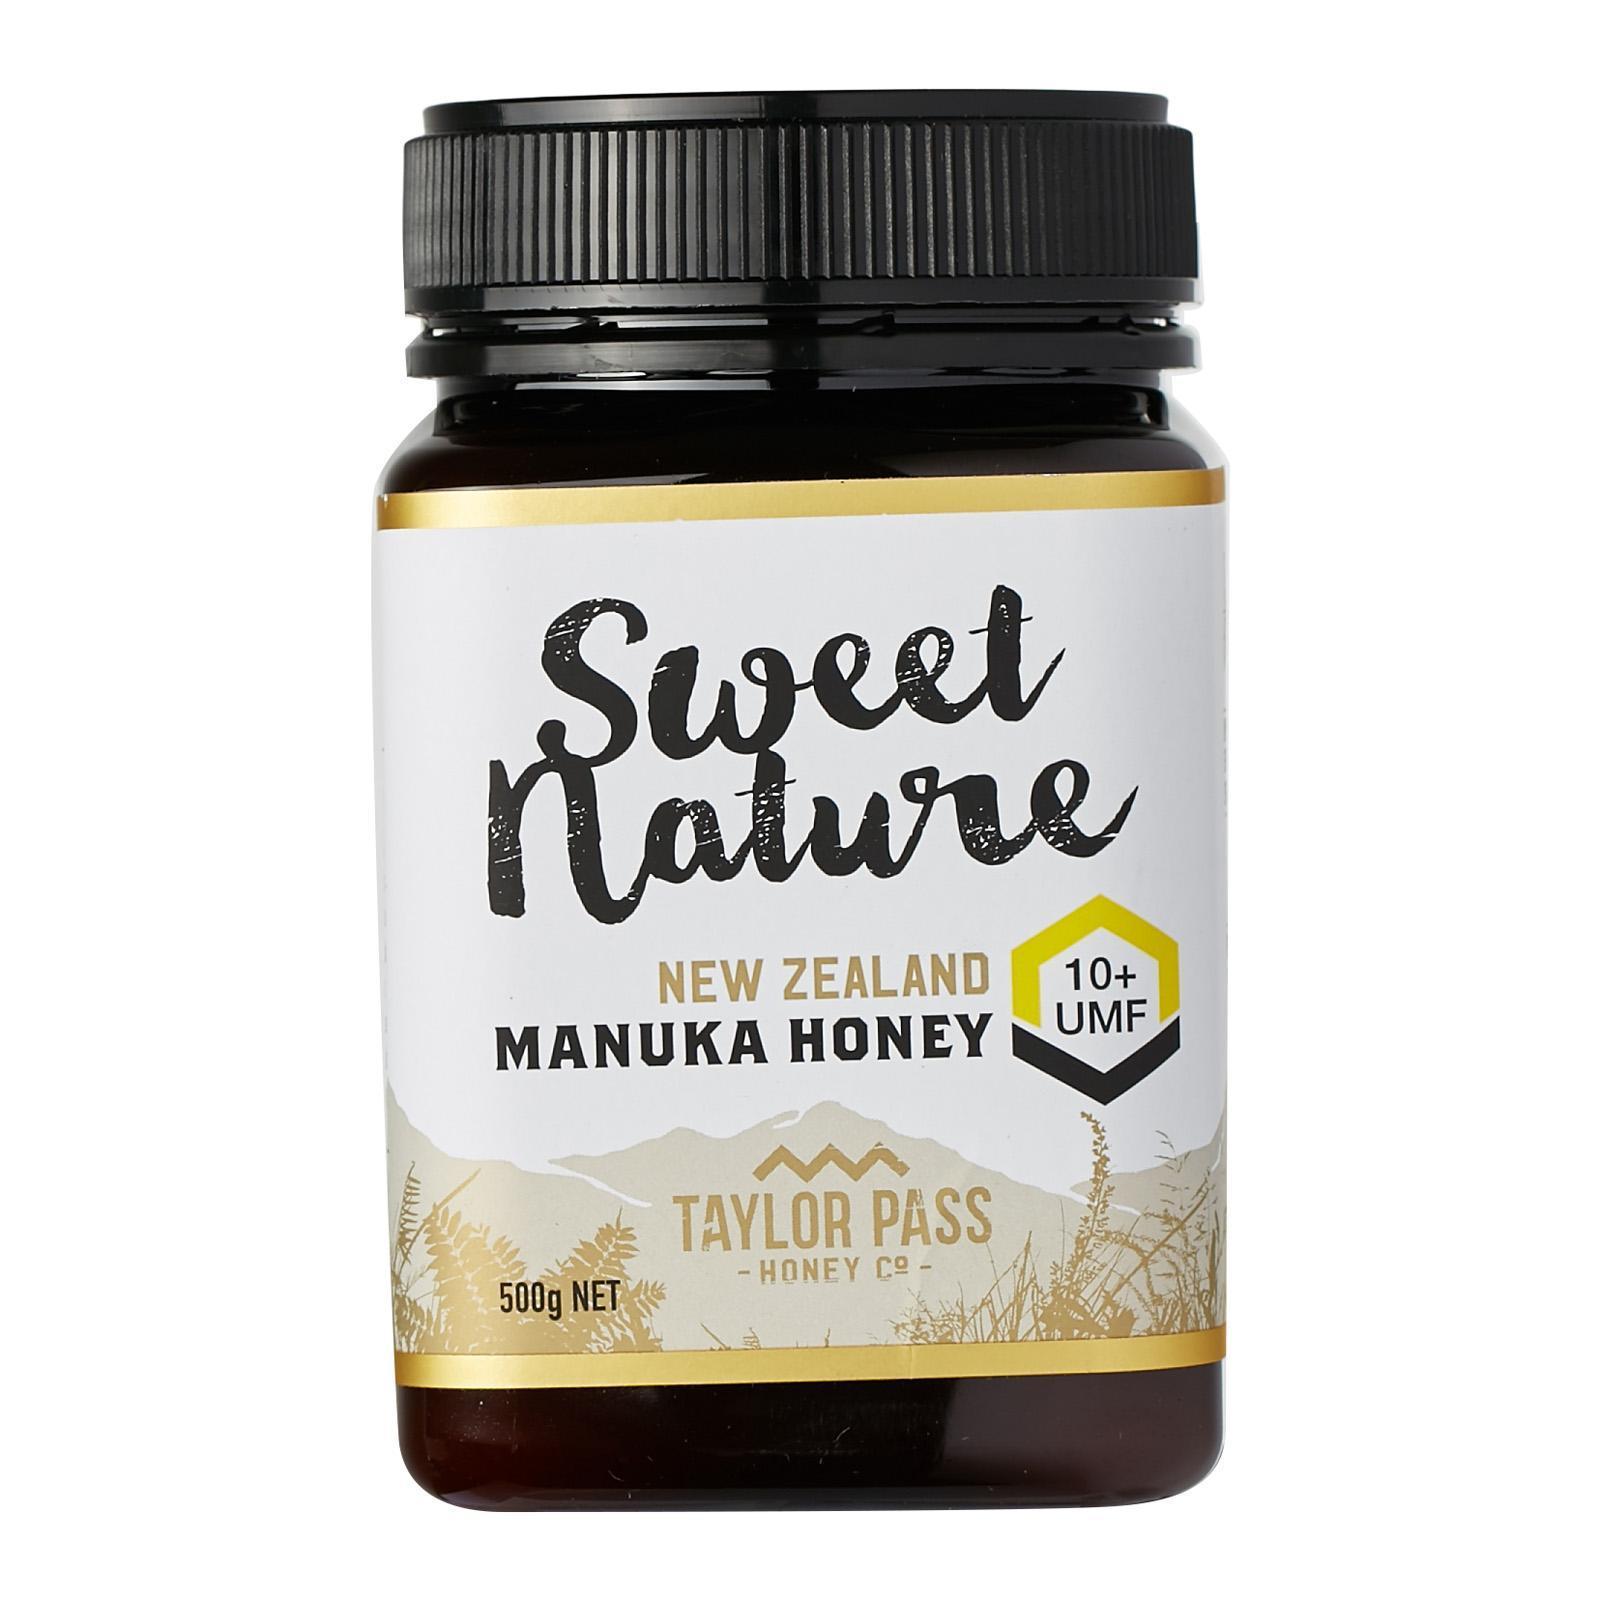 Sweet Nature UMF 10+ Manuka Honey - By Nature's Nutrition